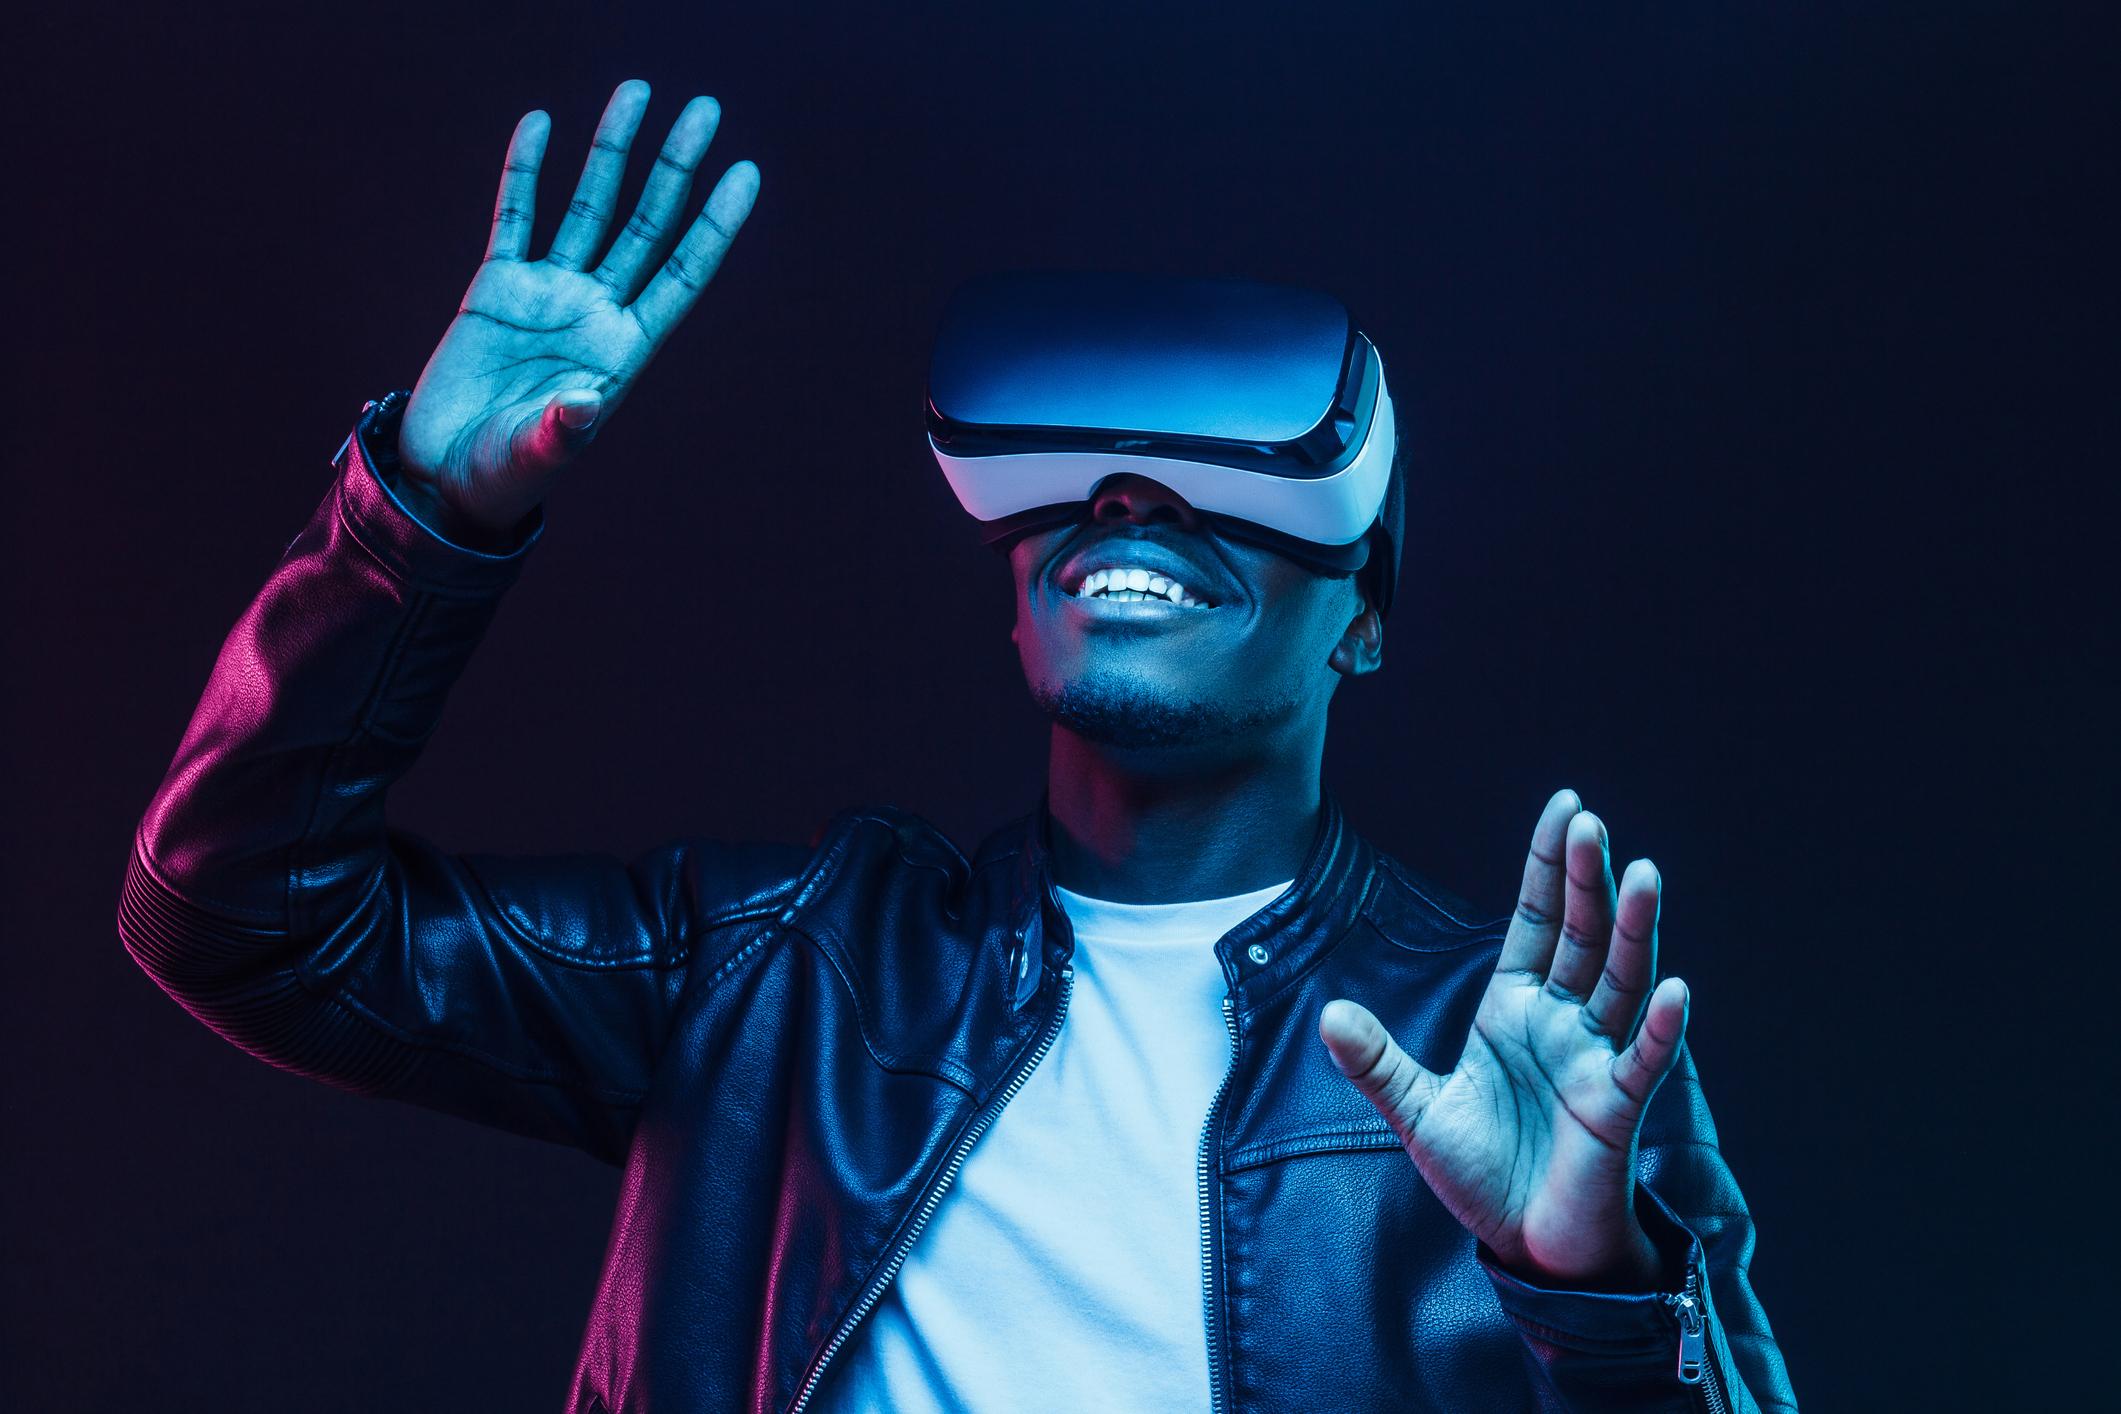 Young man using virtual reality goggles at a tradeshow